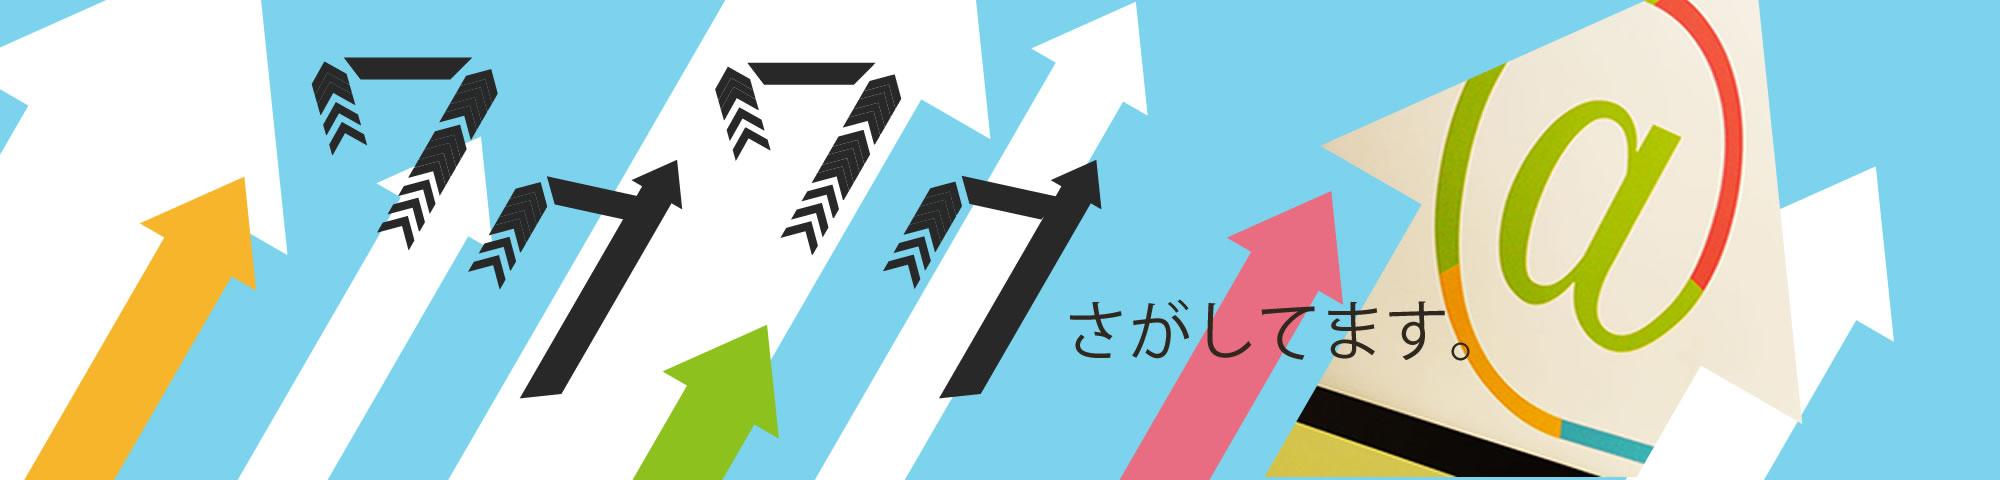 仙台でホームページ制作なら始めてリニューアルをお考えの方にも始めやすいサービス